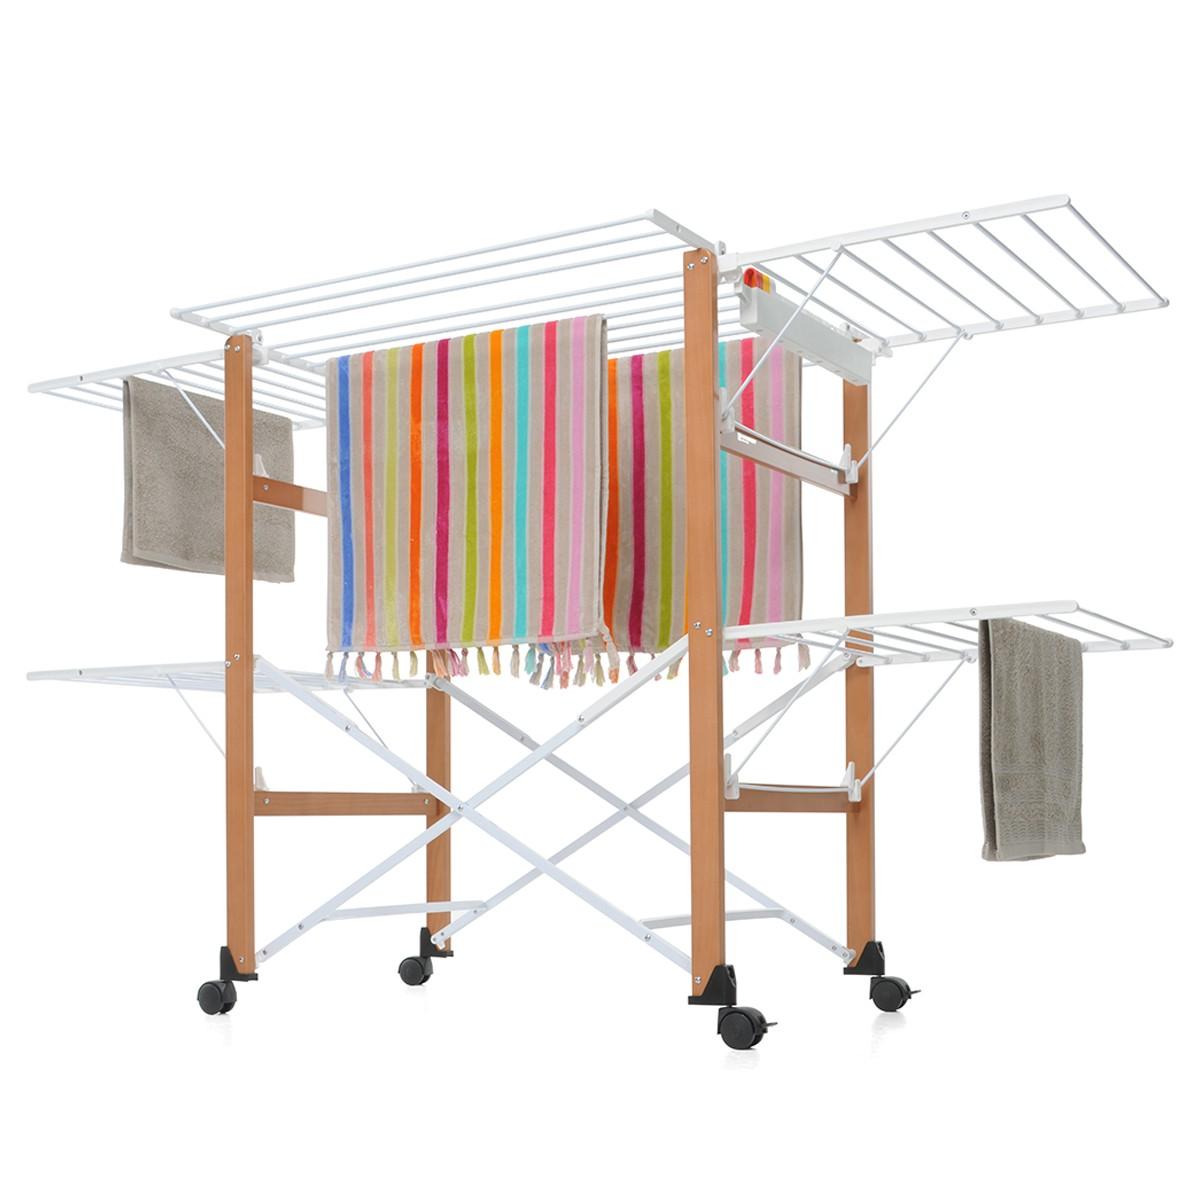 イタリア・フォッパぺドレッティ(FOPPAPEDRETTI) 木製折りたたみ式物干し Gulliver 送料無料 物干しスタンド 室内 イタリア家具 イタリア製